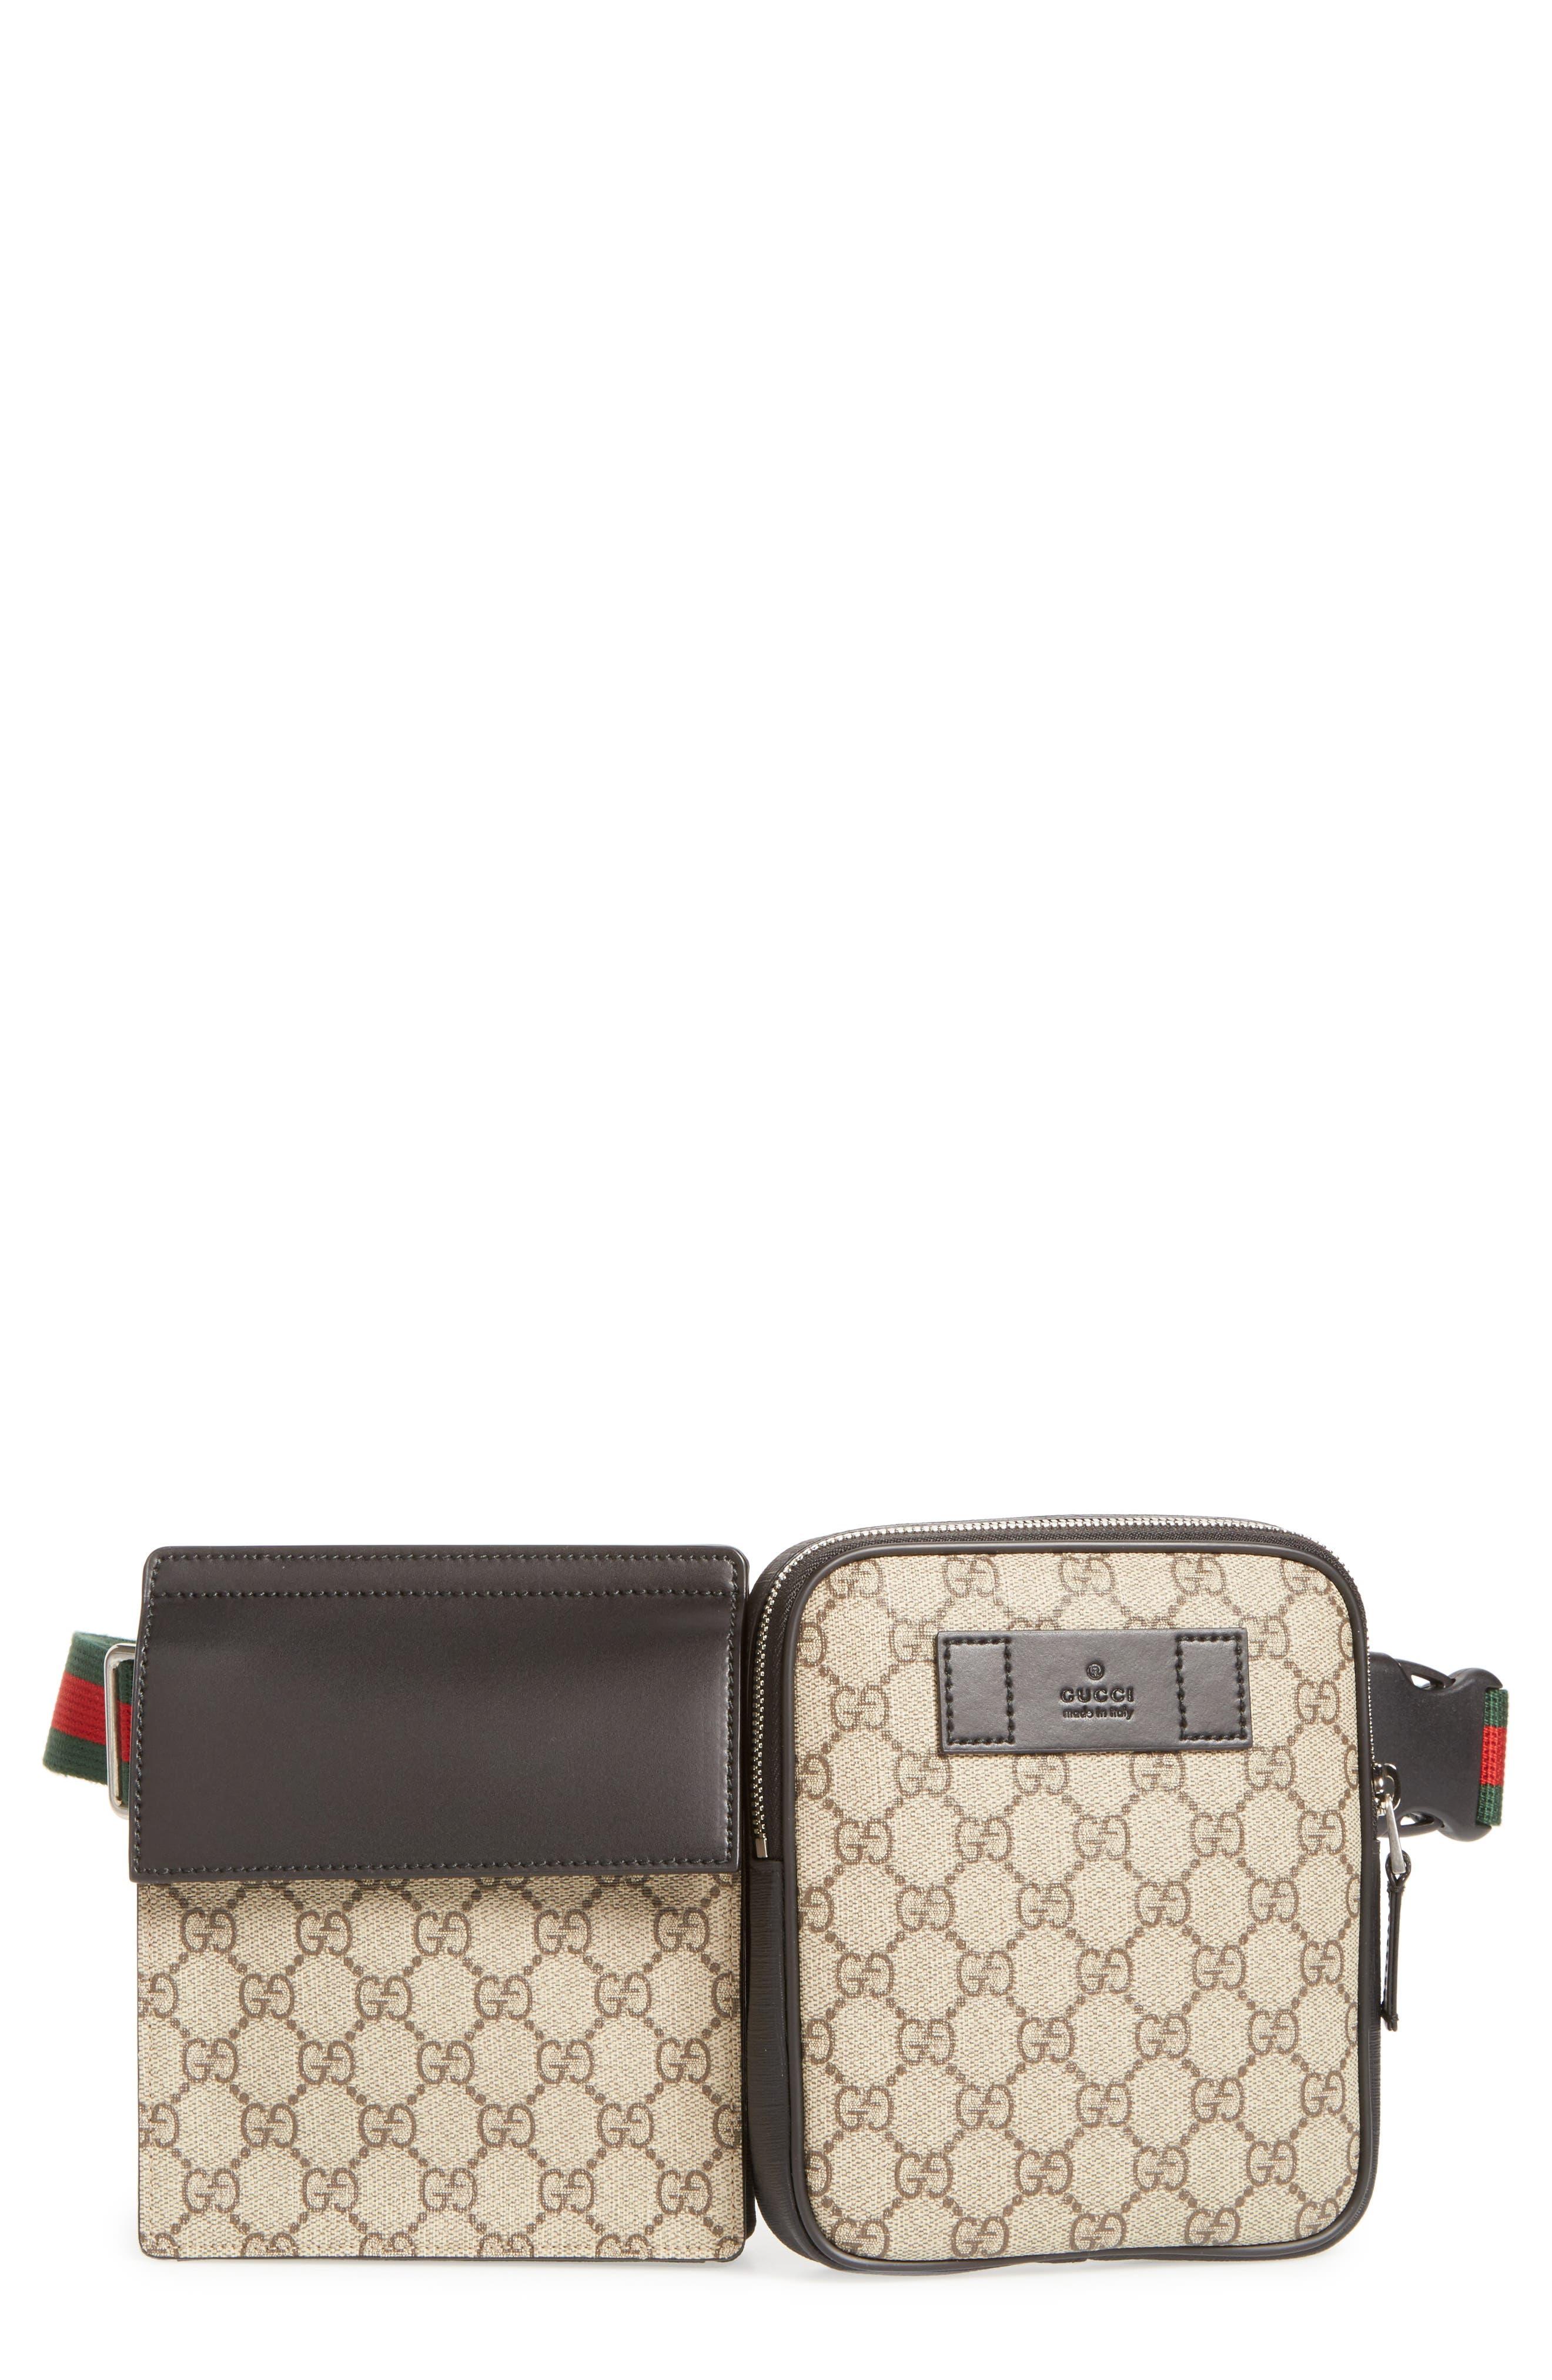 Alternate Image 1 Selected - Gucci Band Belt Bag